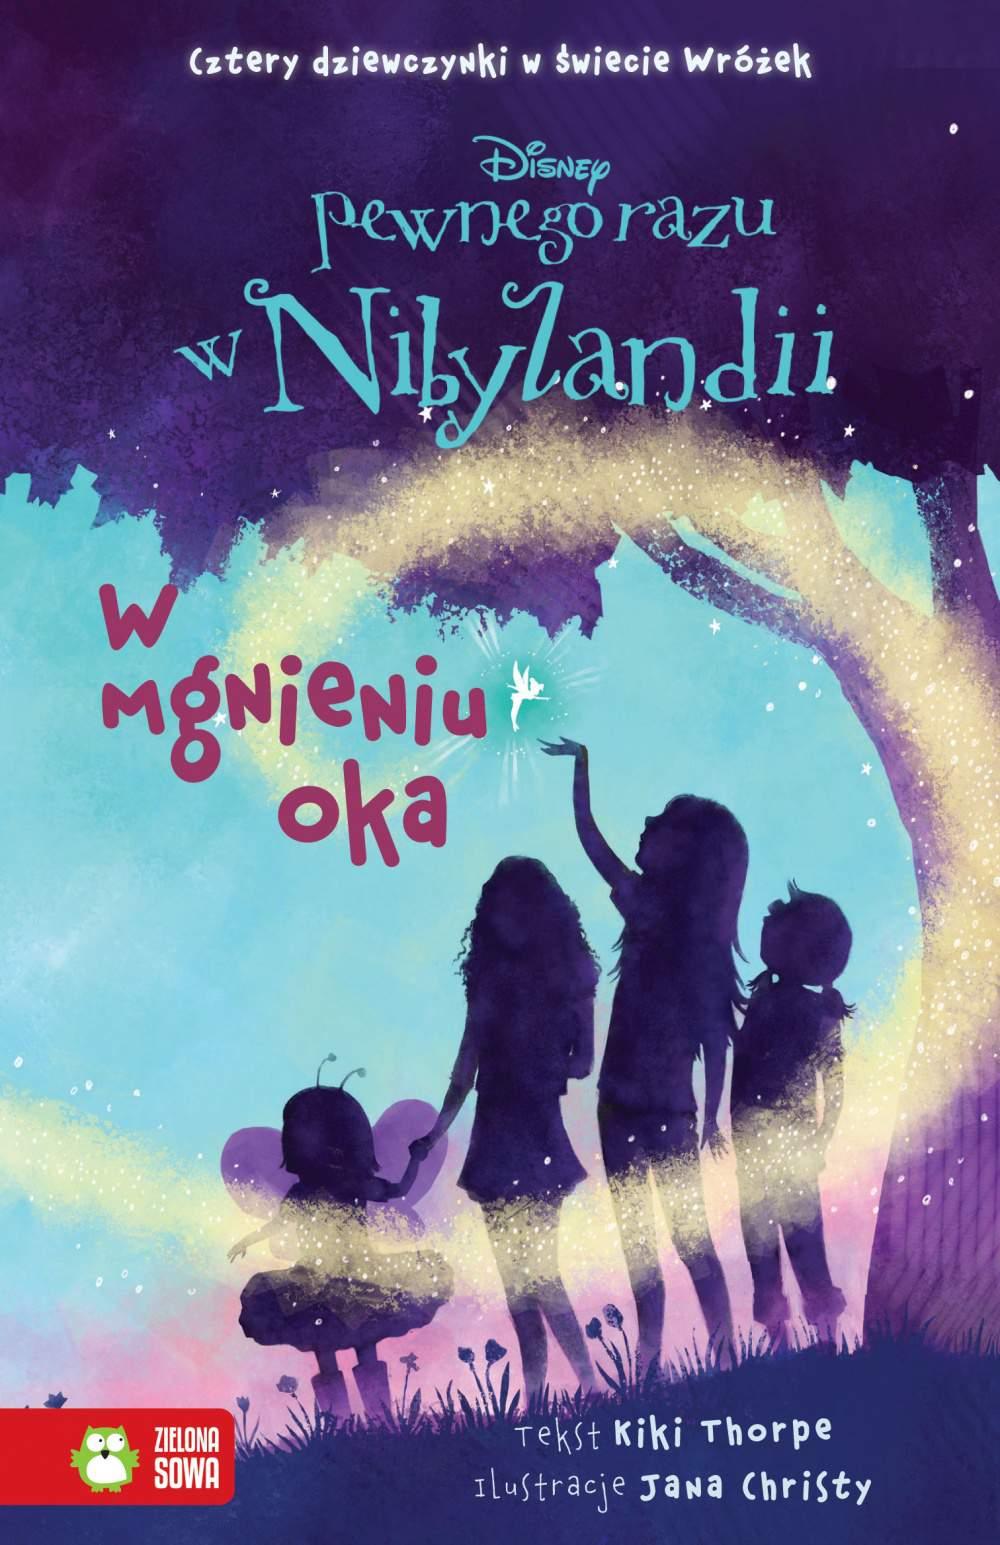 Pewnego razu w Nibylandii. W mgnieniu oka - Ebook (Książka na Kindle) do pobrania w formacie MOBI